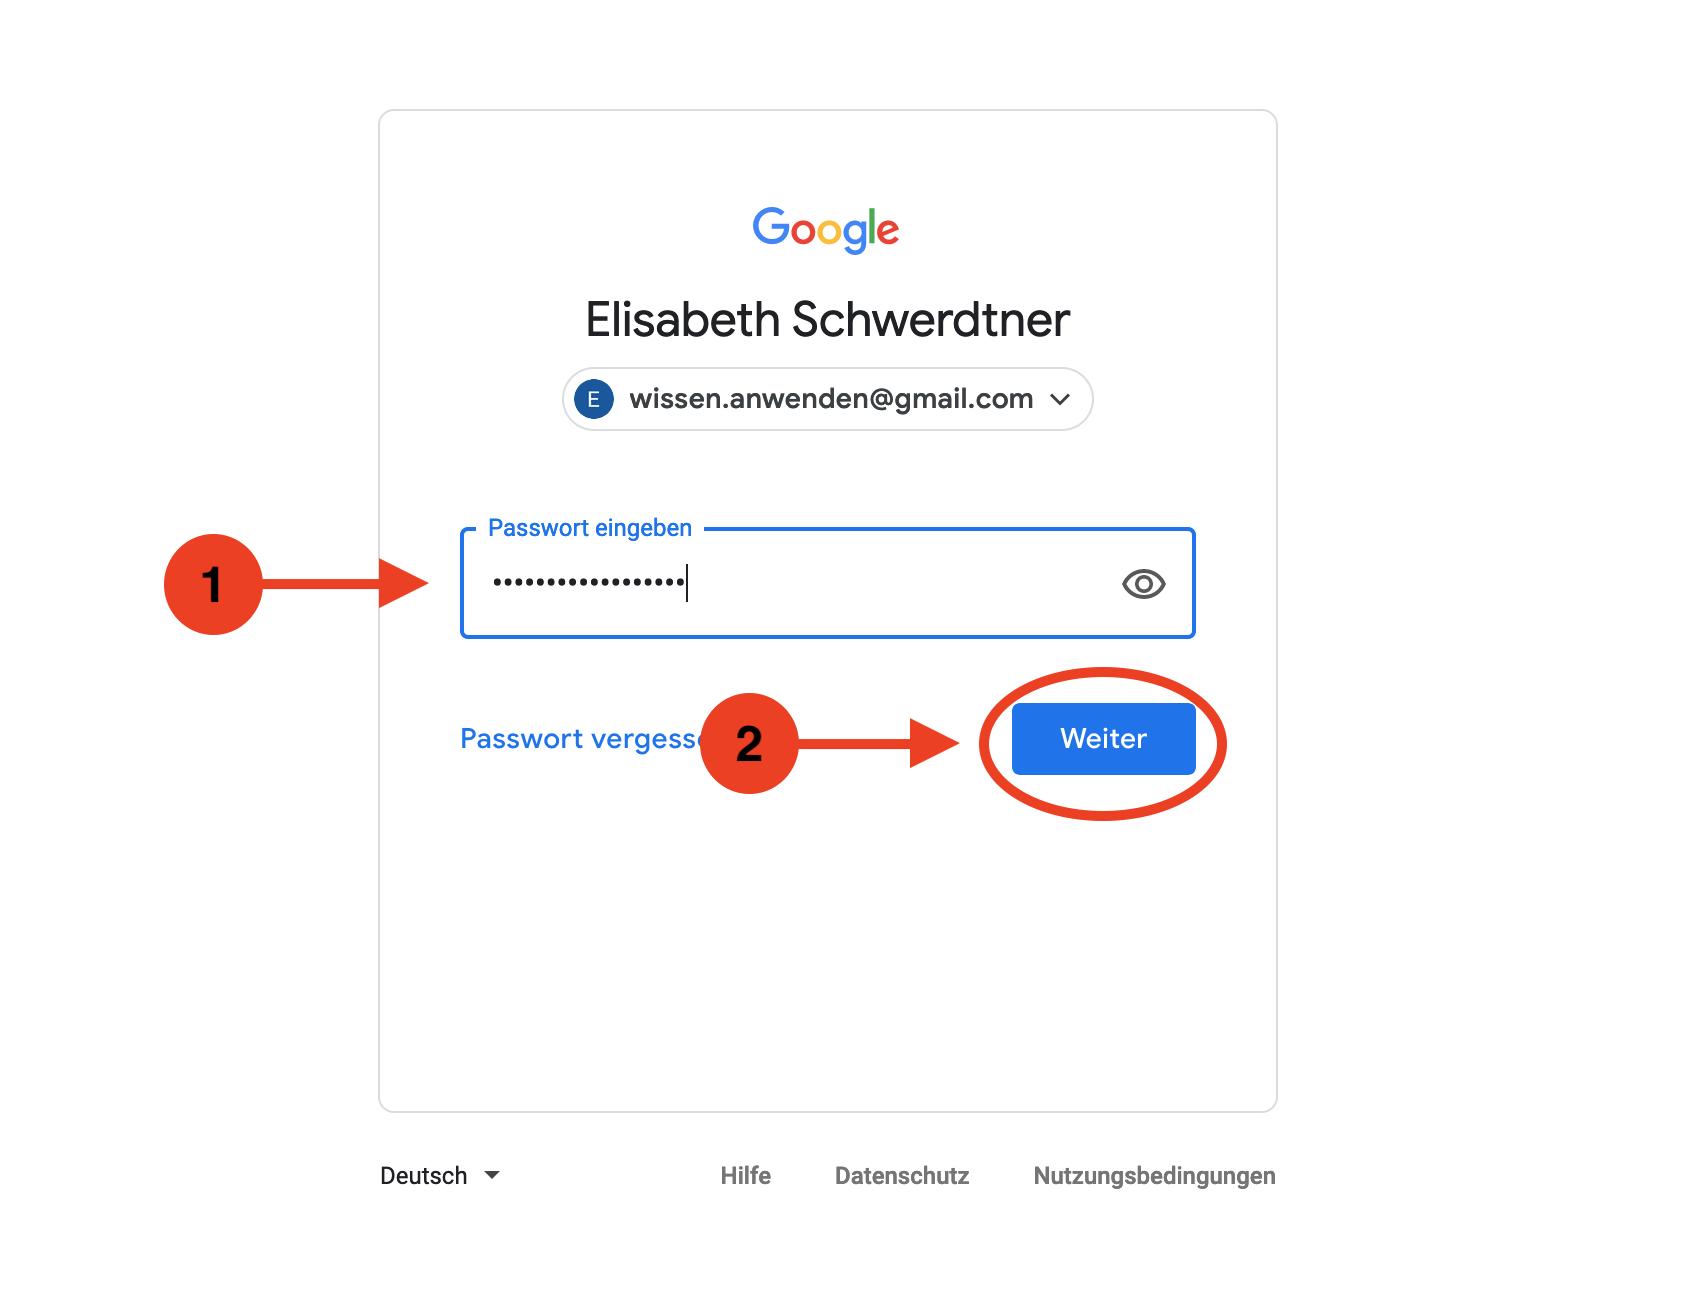 Google Konto anmelden Passwort eingeben